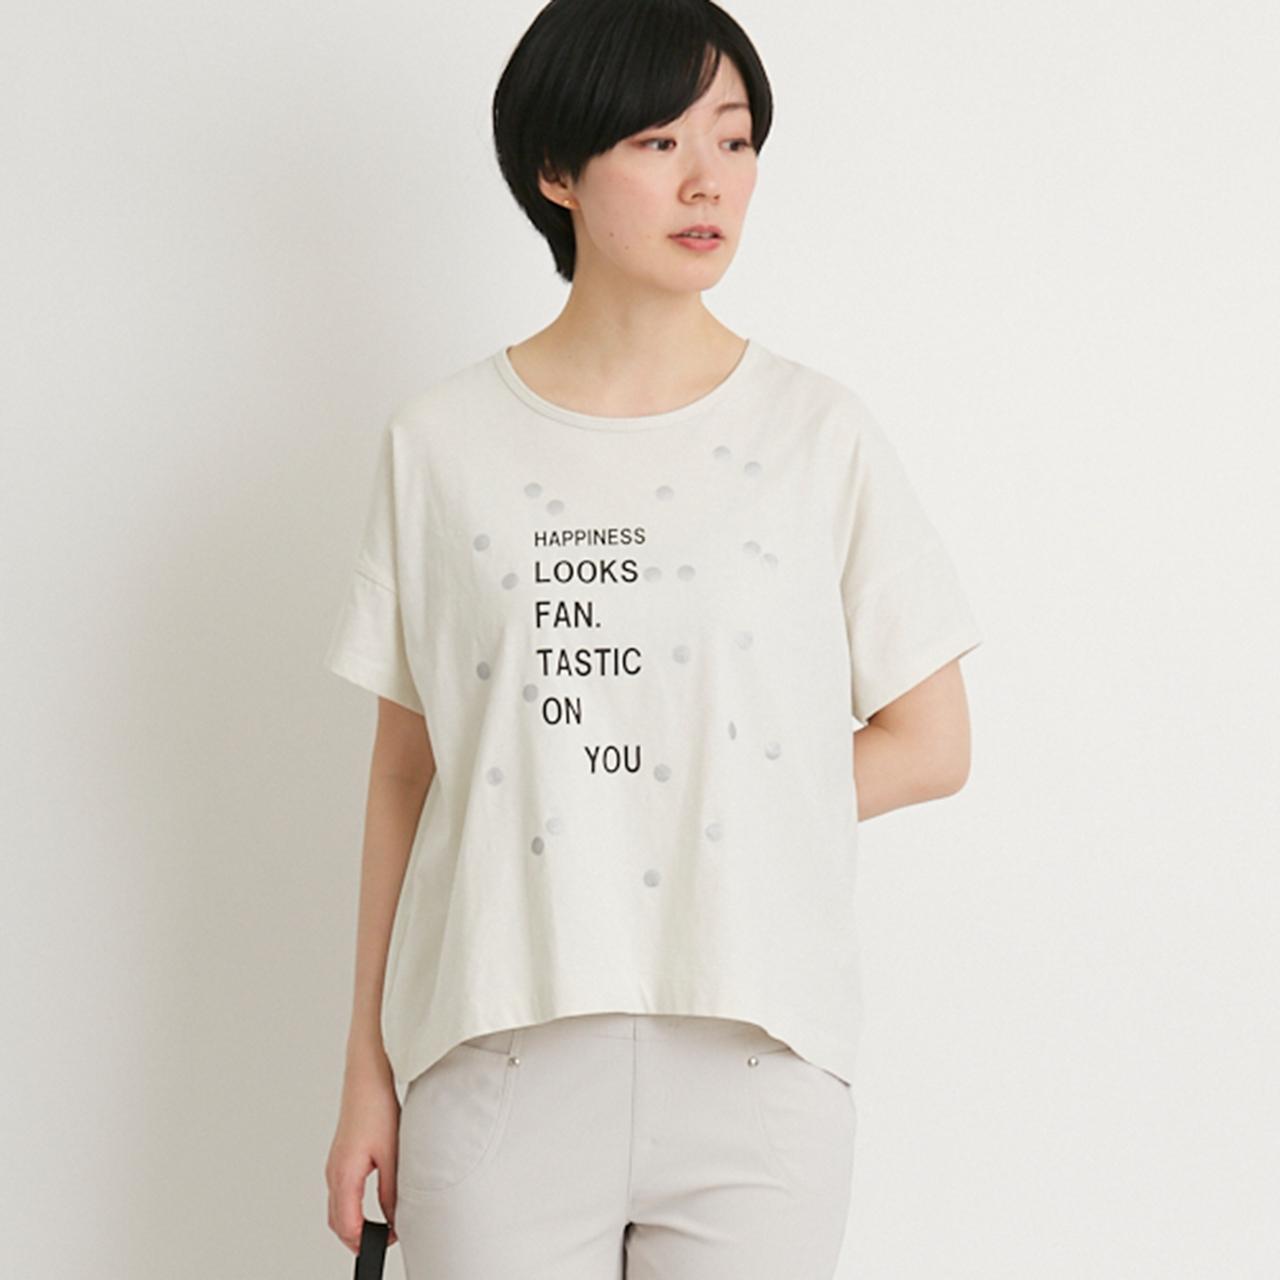 《投票キャンペーン商品》バッグギャザー水玉Tシャツ【レギュラーサイズ】